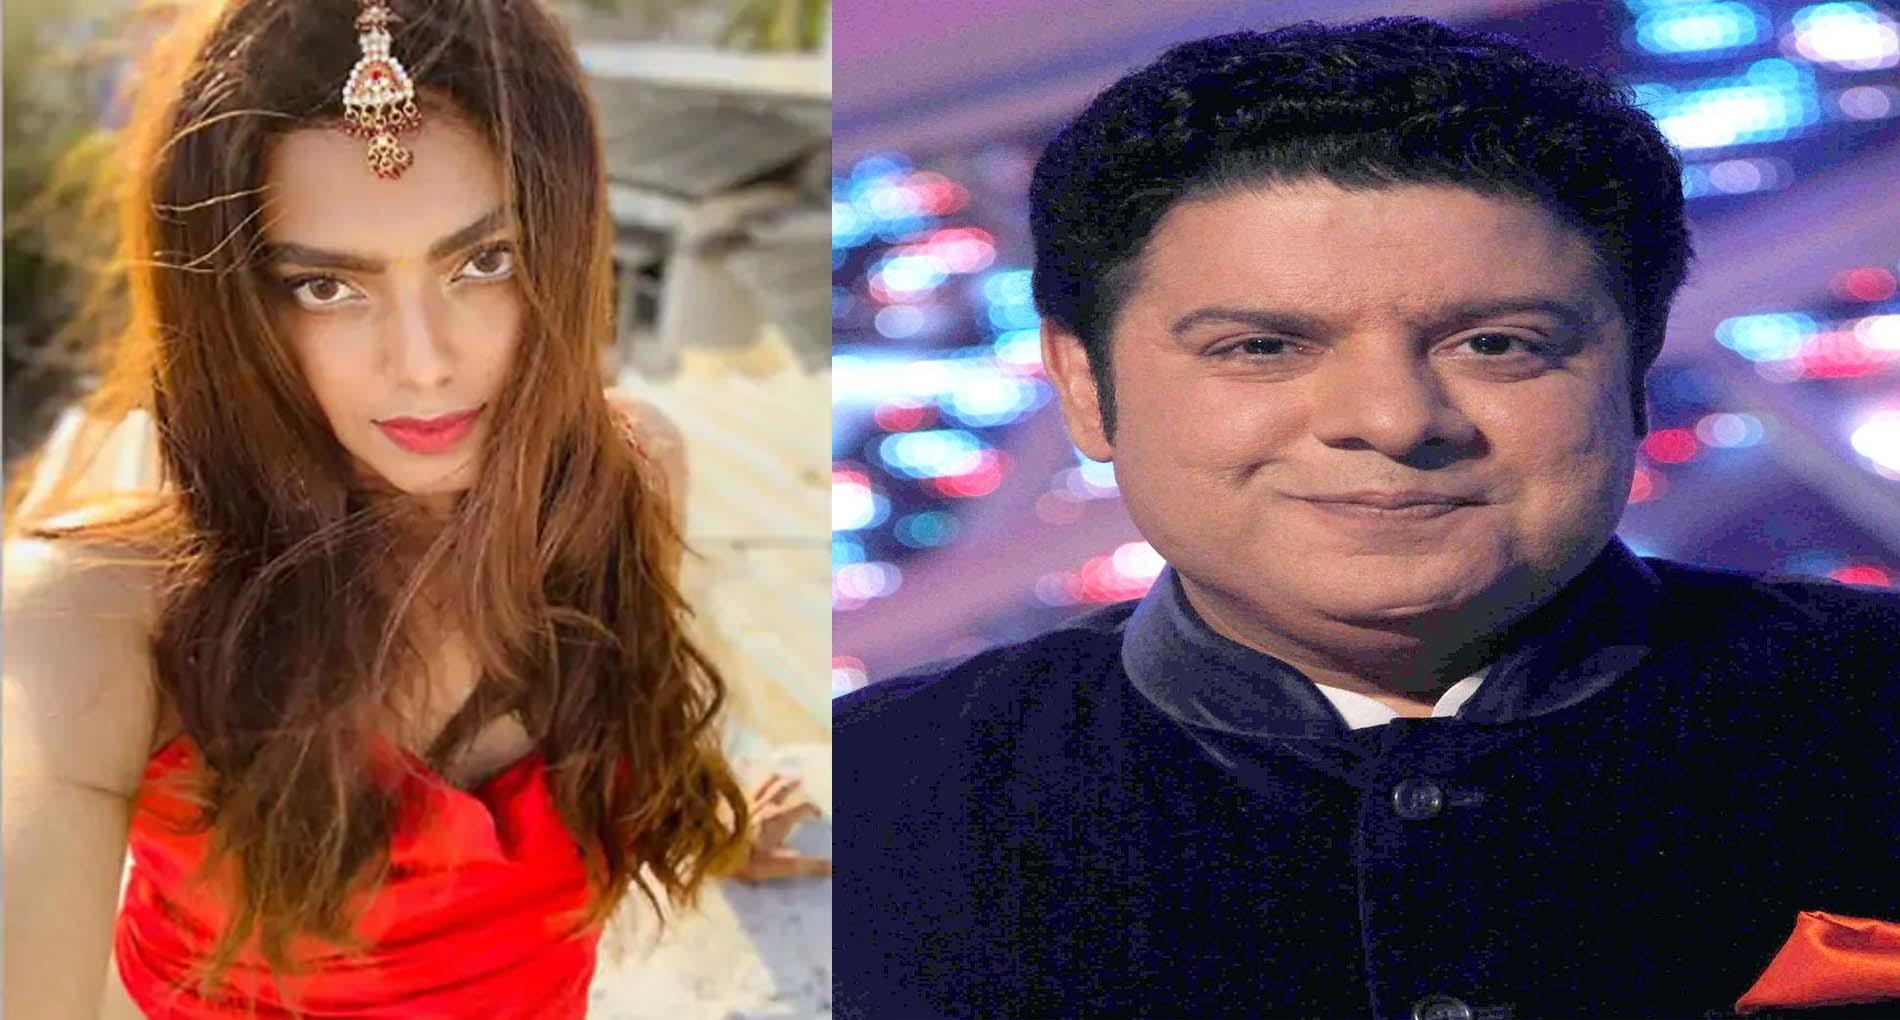 मॉडल पाउला ने साजिद खान पर लगाए गंभीर आरोप, कहा- 17 की उम्र में किया यौन शोषण